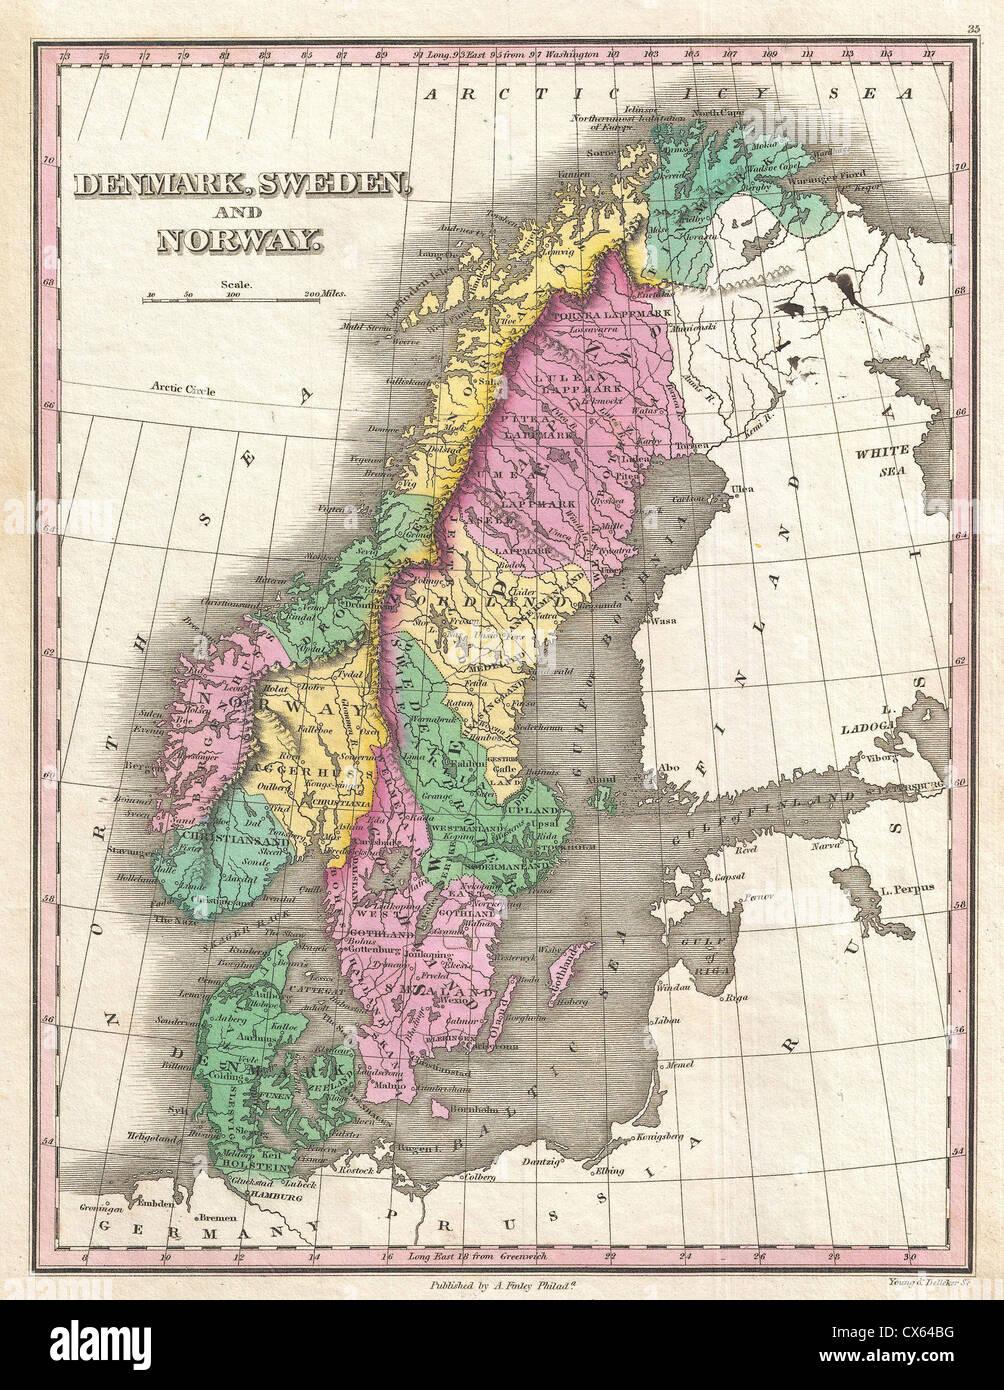 1827 Finley Map of Scandinavia, Norway, Sweden, Denmark - Stock Image